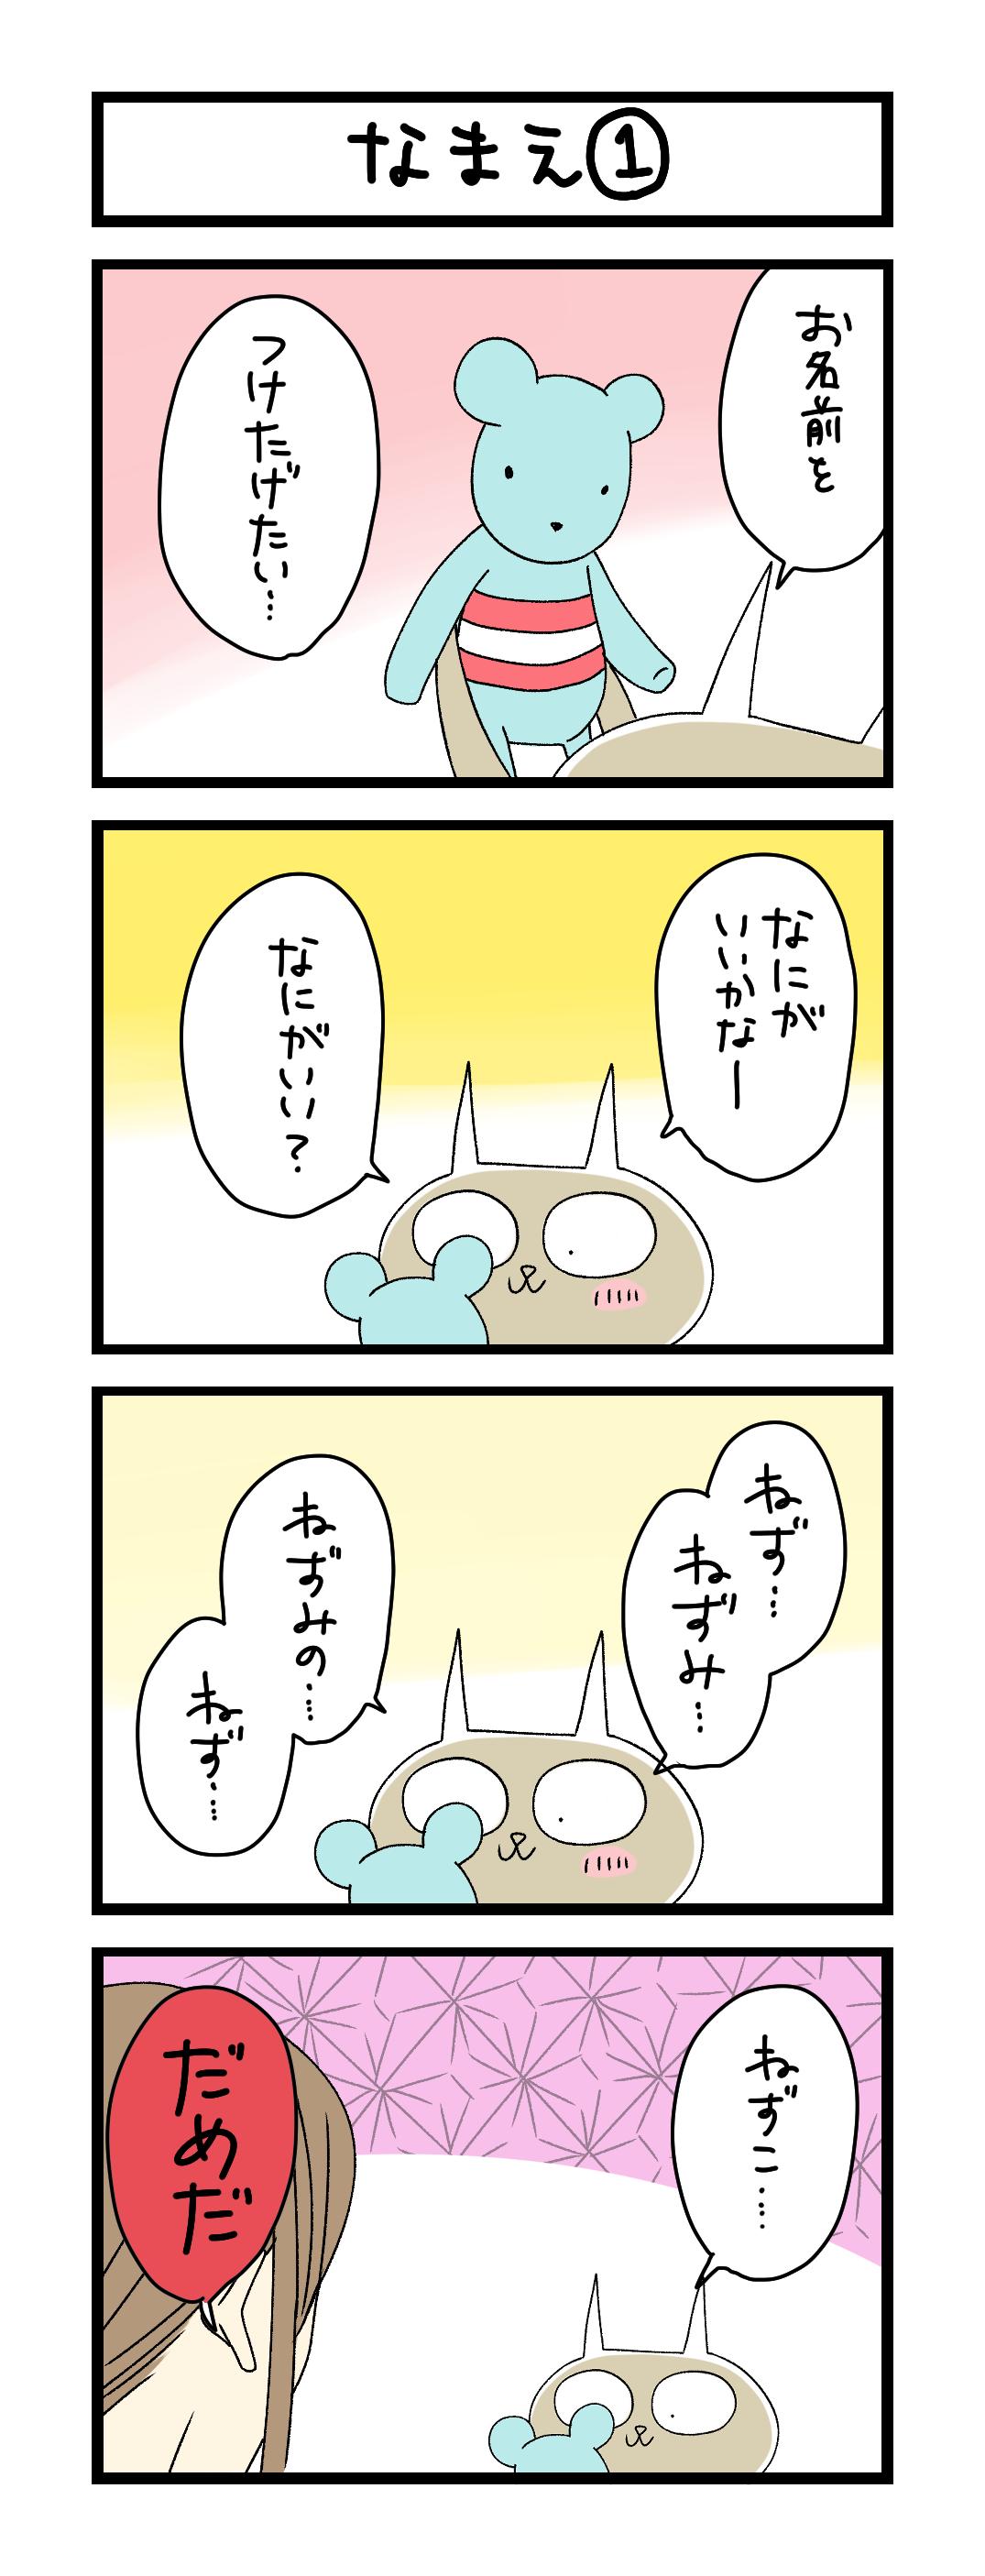 なまえ (1)